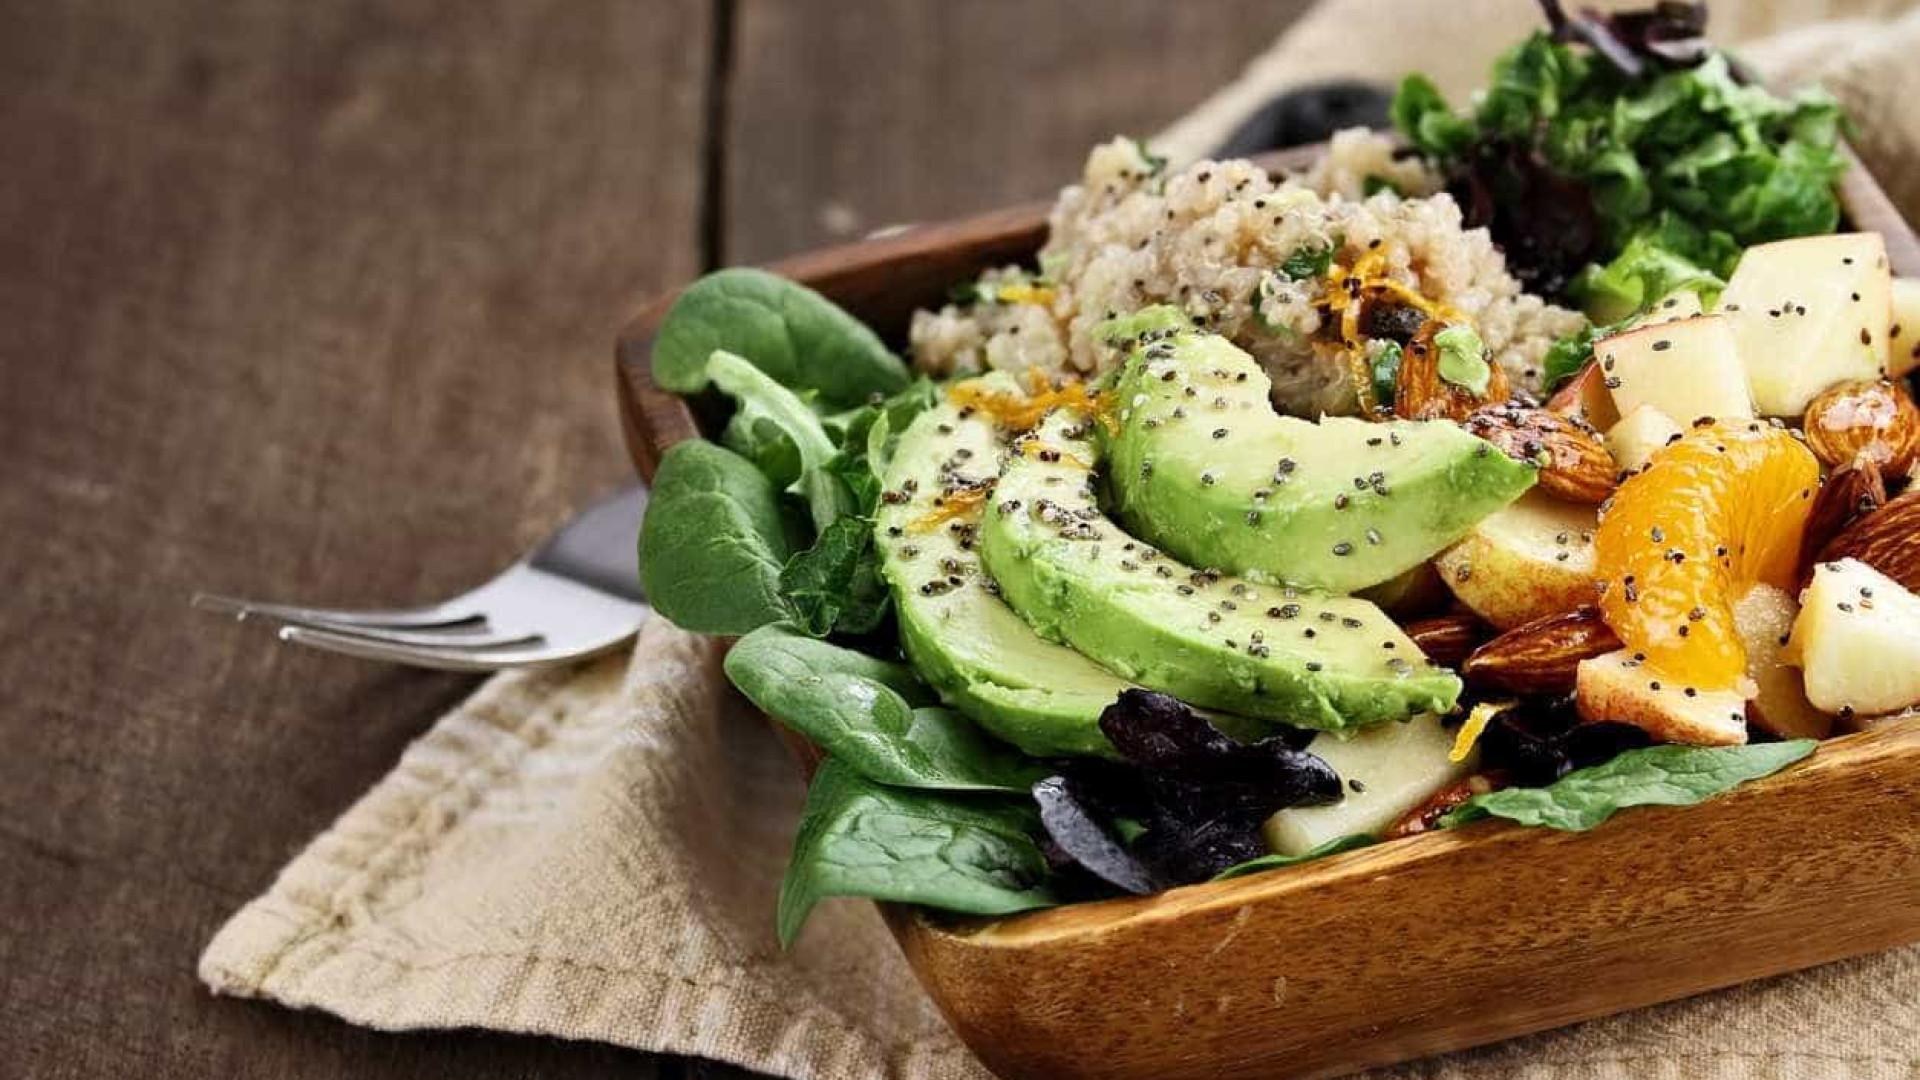 8 dicas para adoçar a comida de forma natural